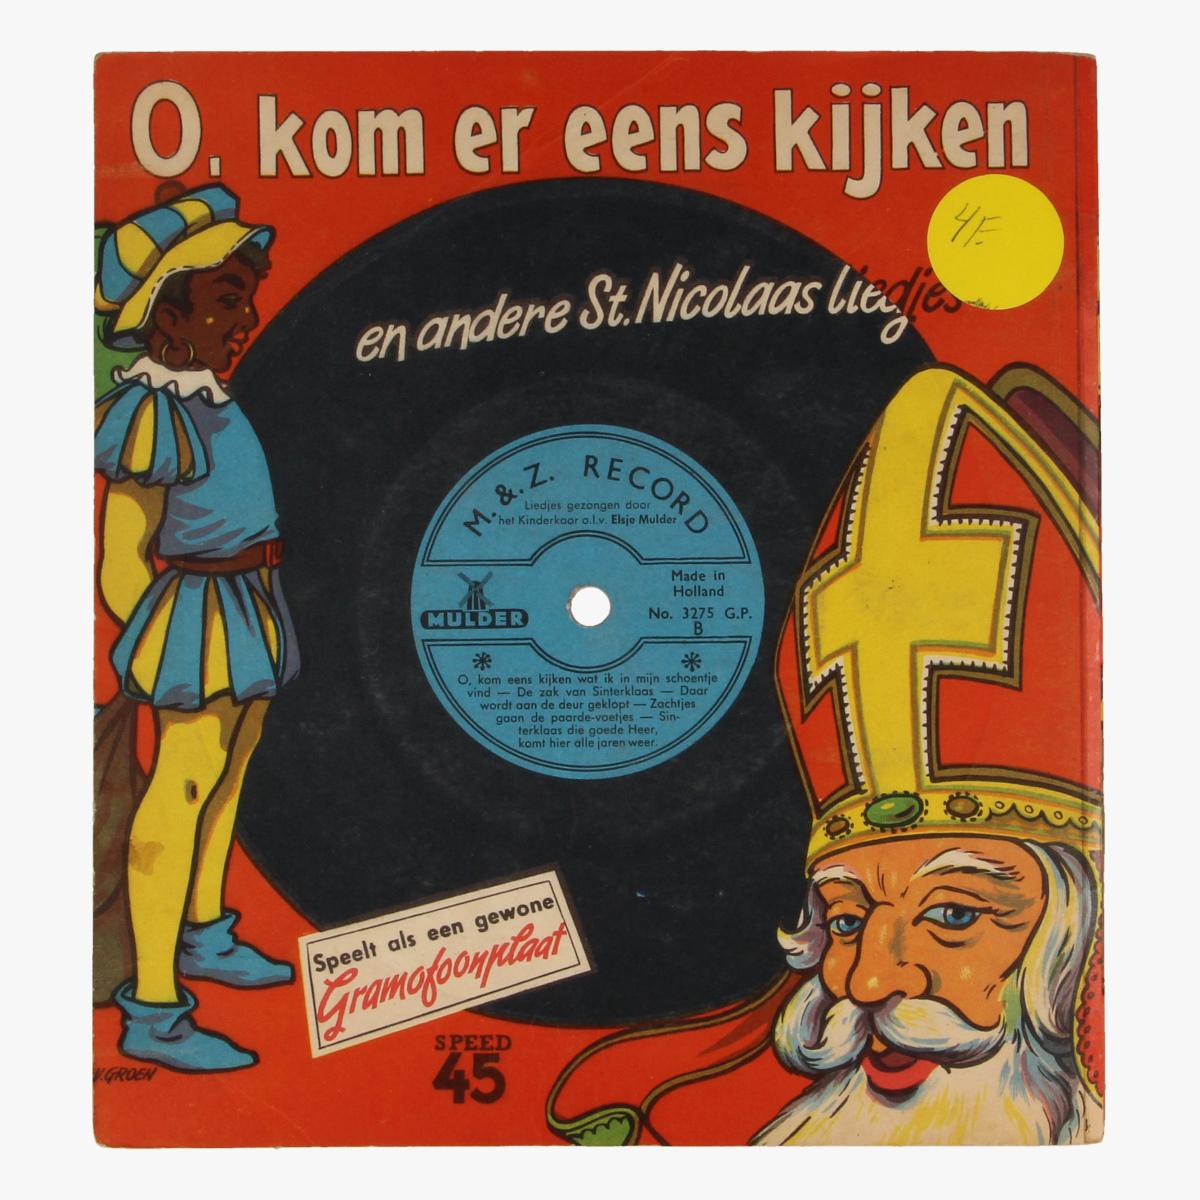 Afbeeldingen van O, Kom eens kijken en andere sinterklaas liedjes LP 45 toeren